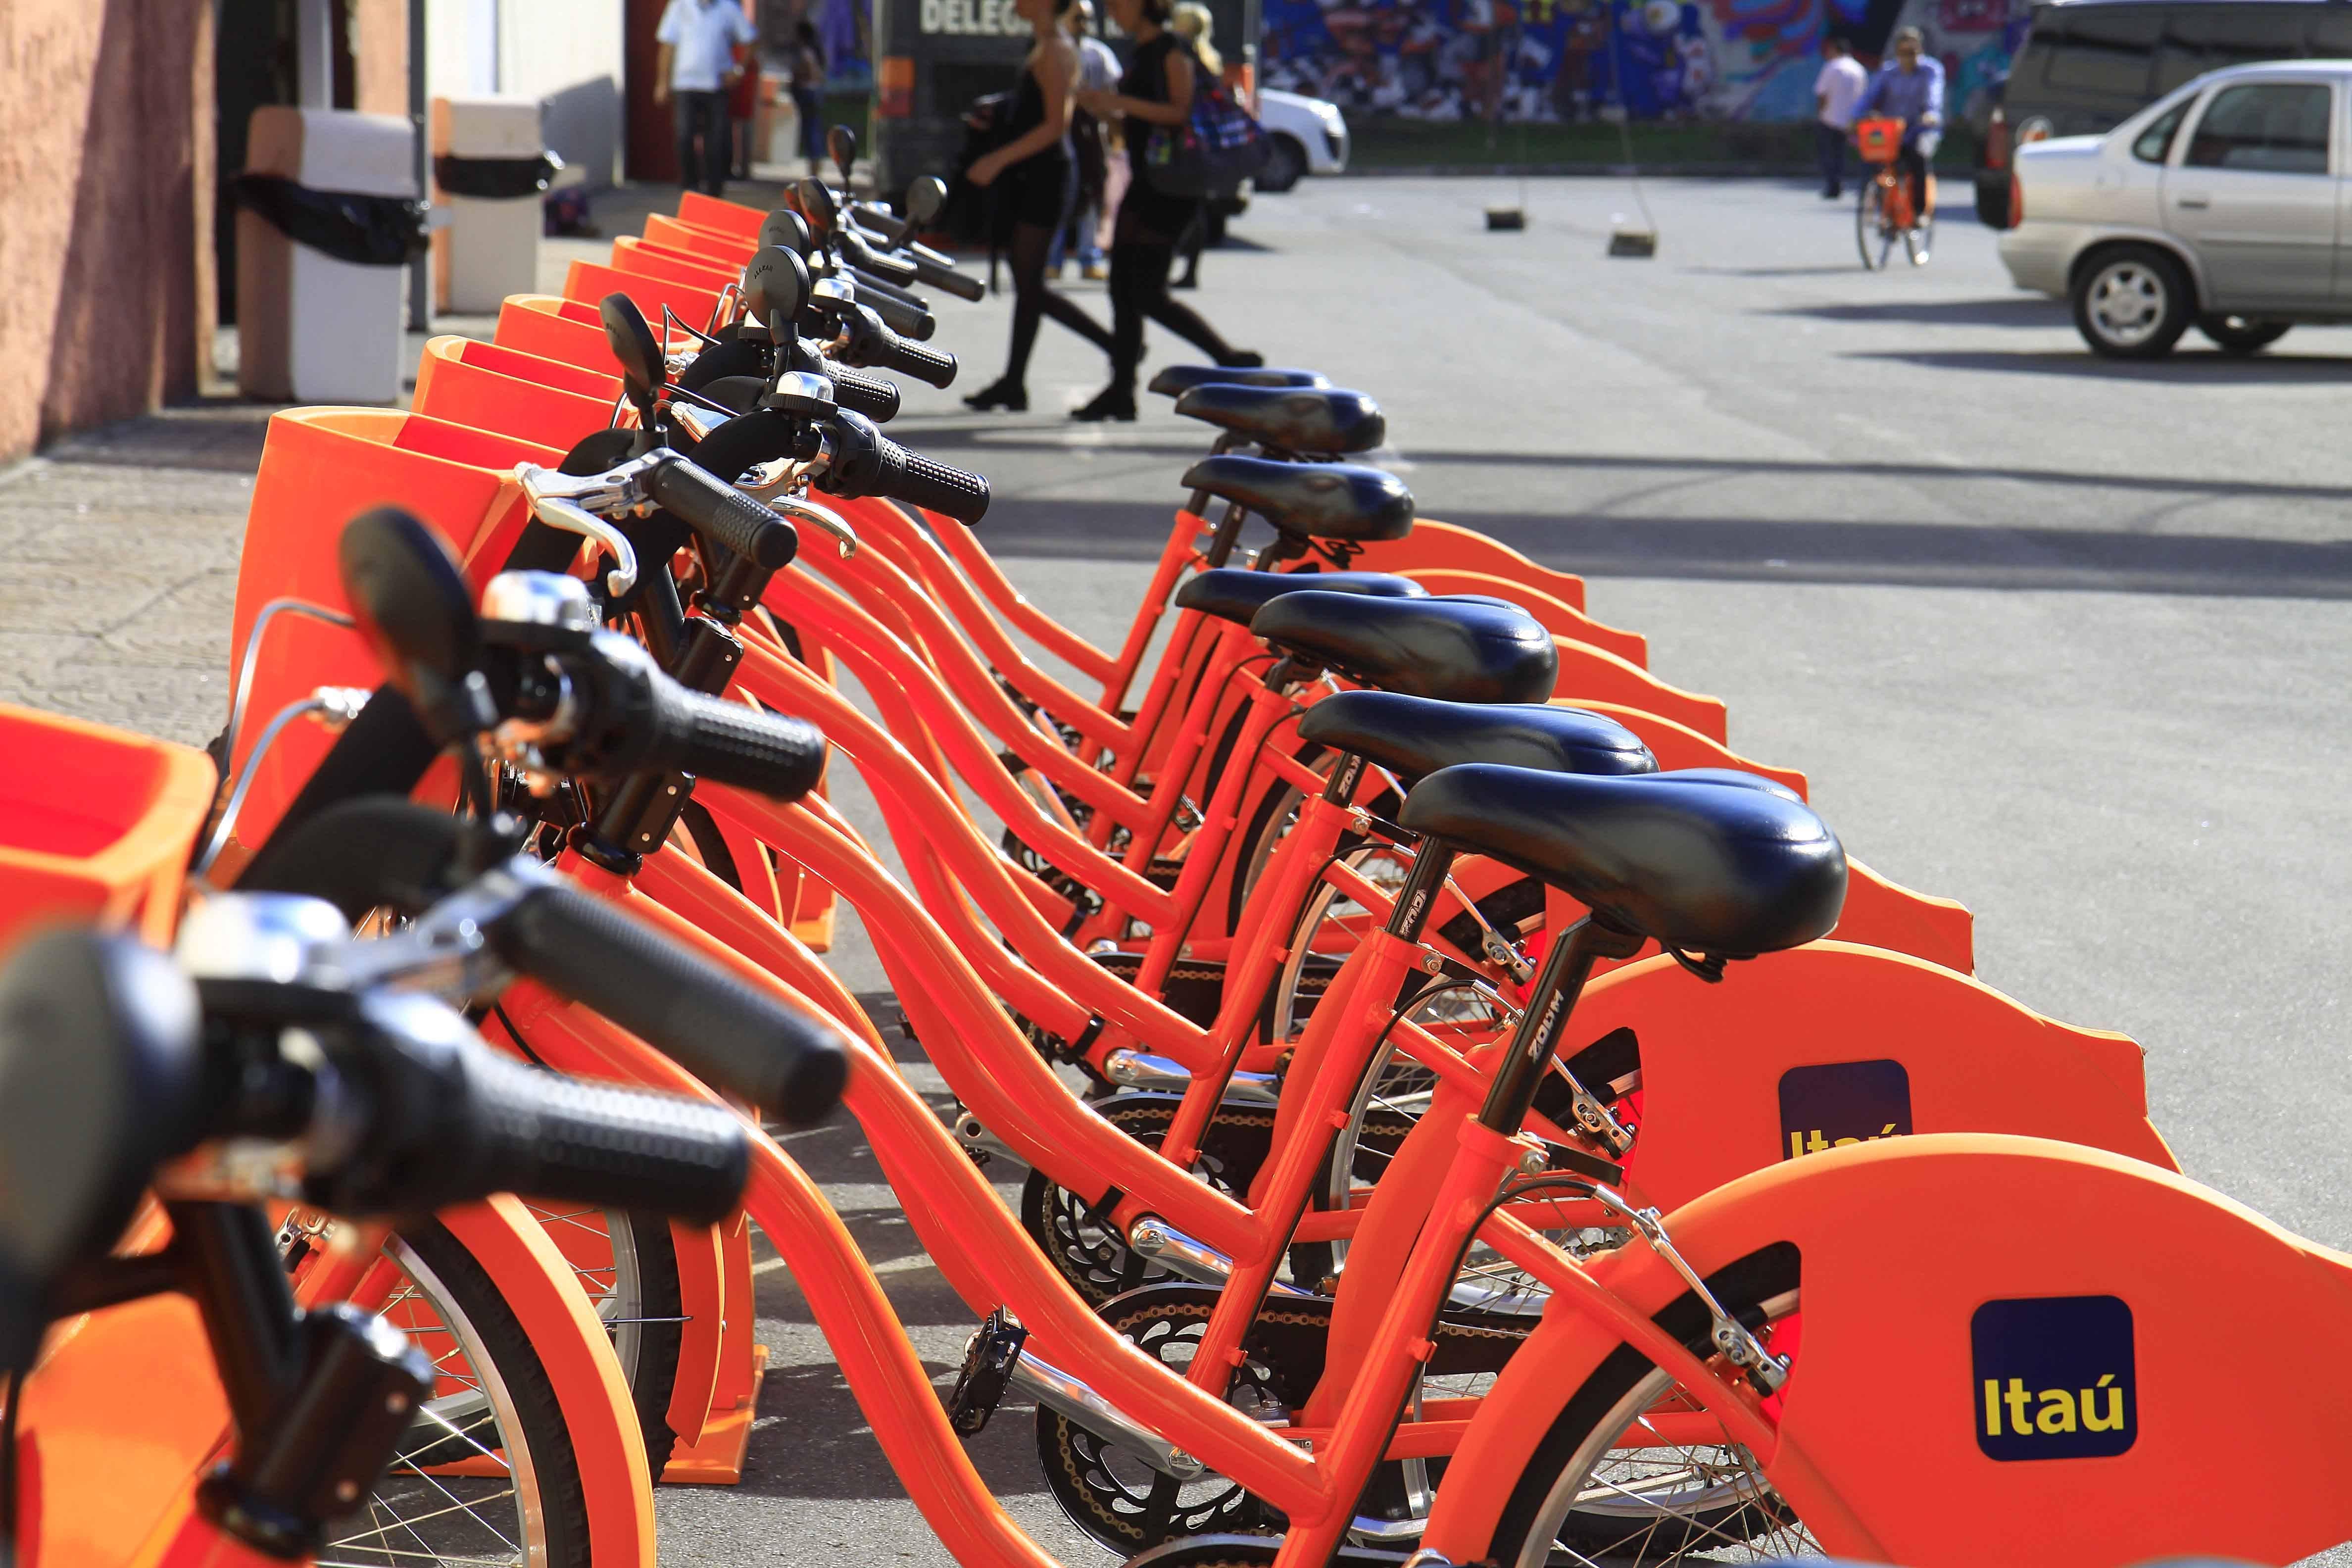 Serviço para compartilhar bicicletas pode ser implantado em Natal/RN